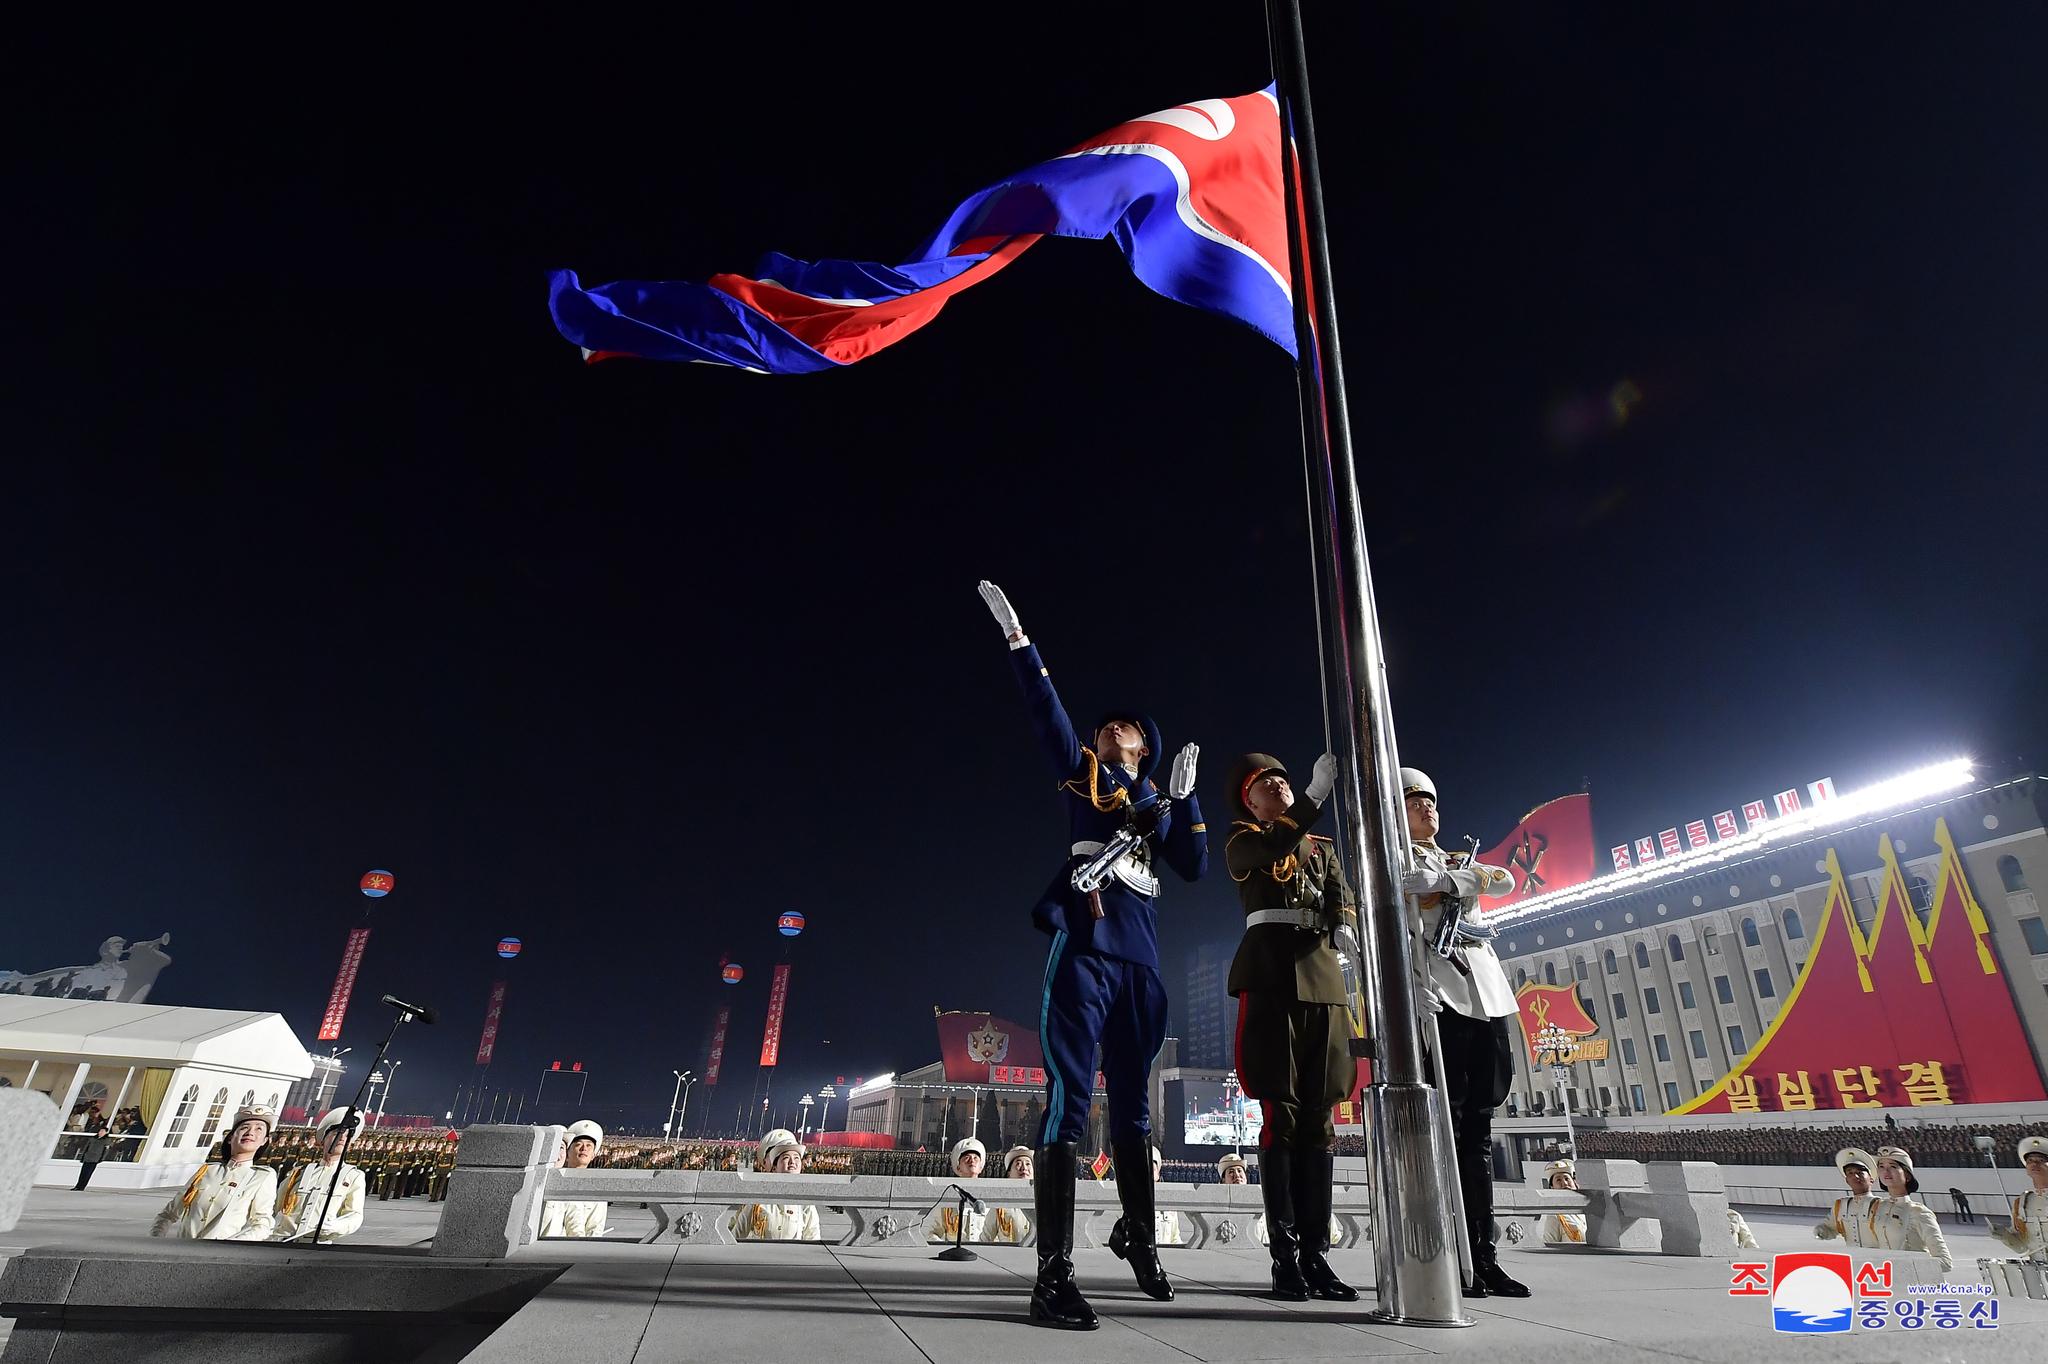 열병식서 신형 SLBM 무기 자랑…이번엔 김정은 눈물 없었다